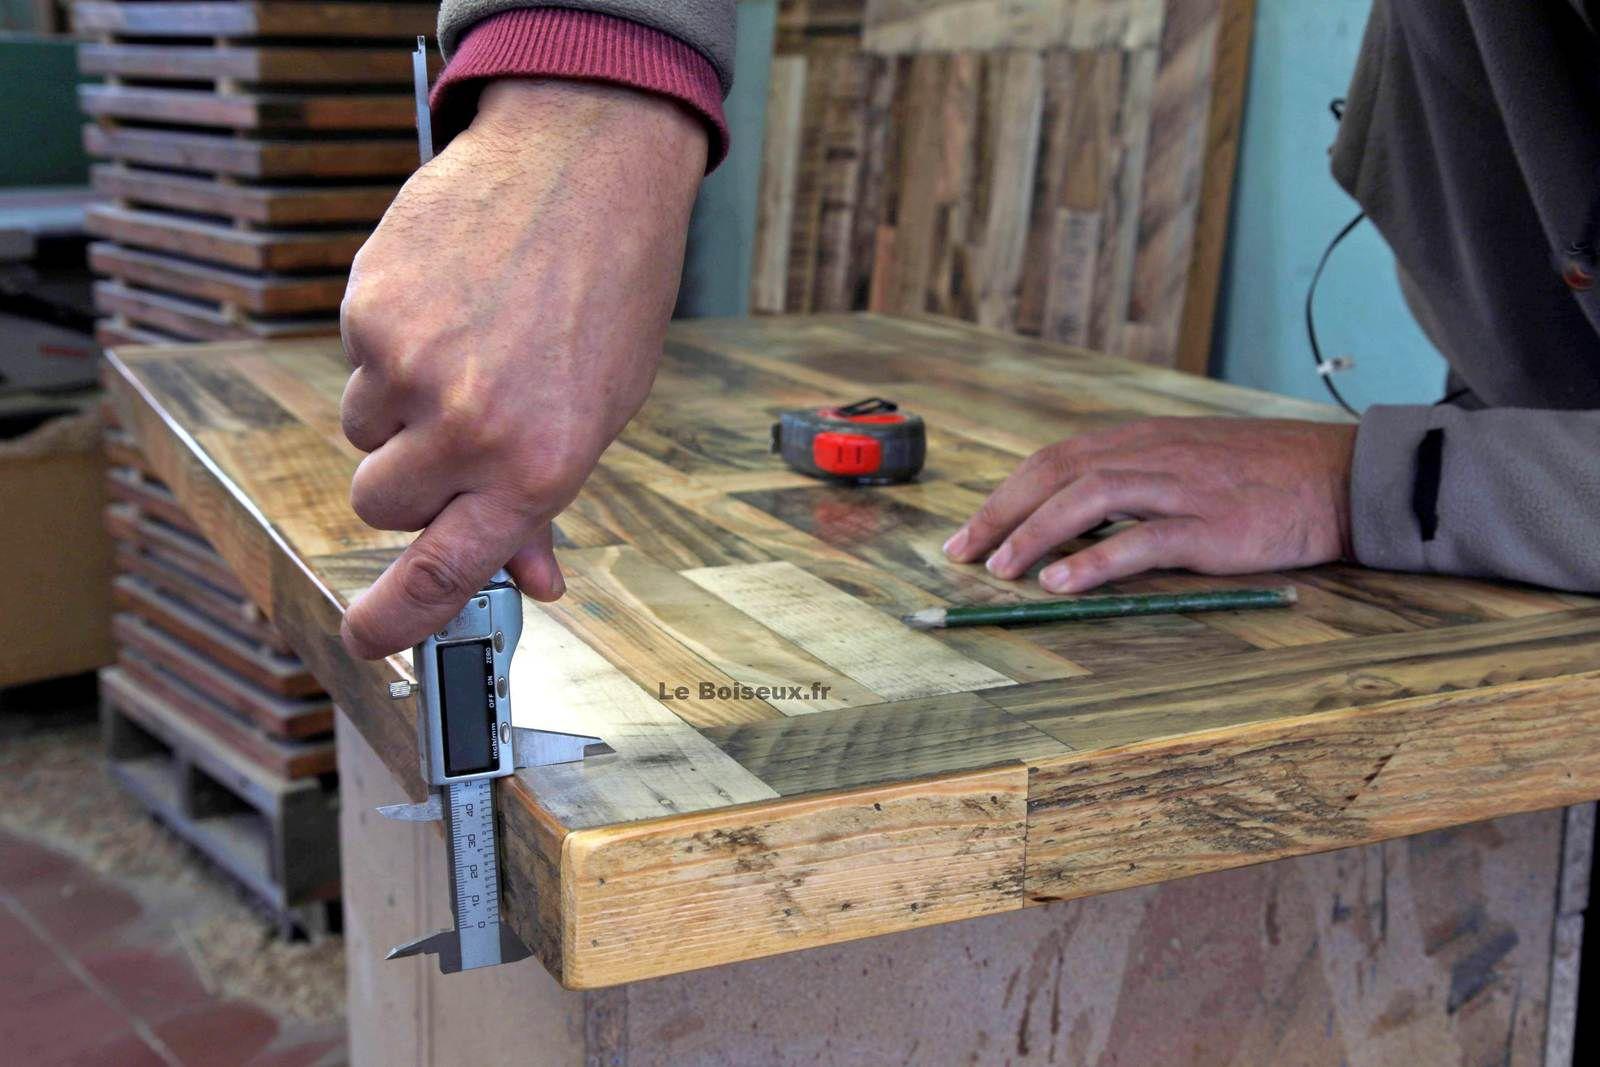 des tables massives aux plateaux-établis épais et fiables, des meubles de métier offrant consistance et confiance